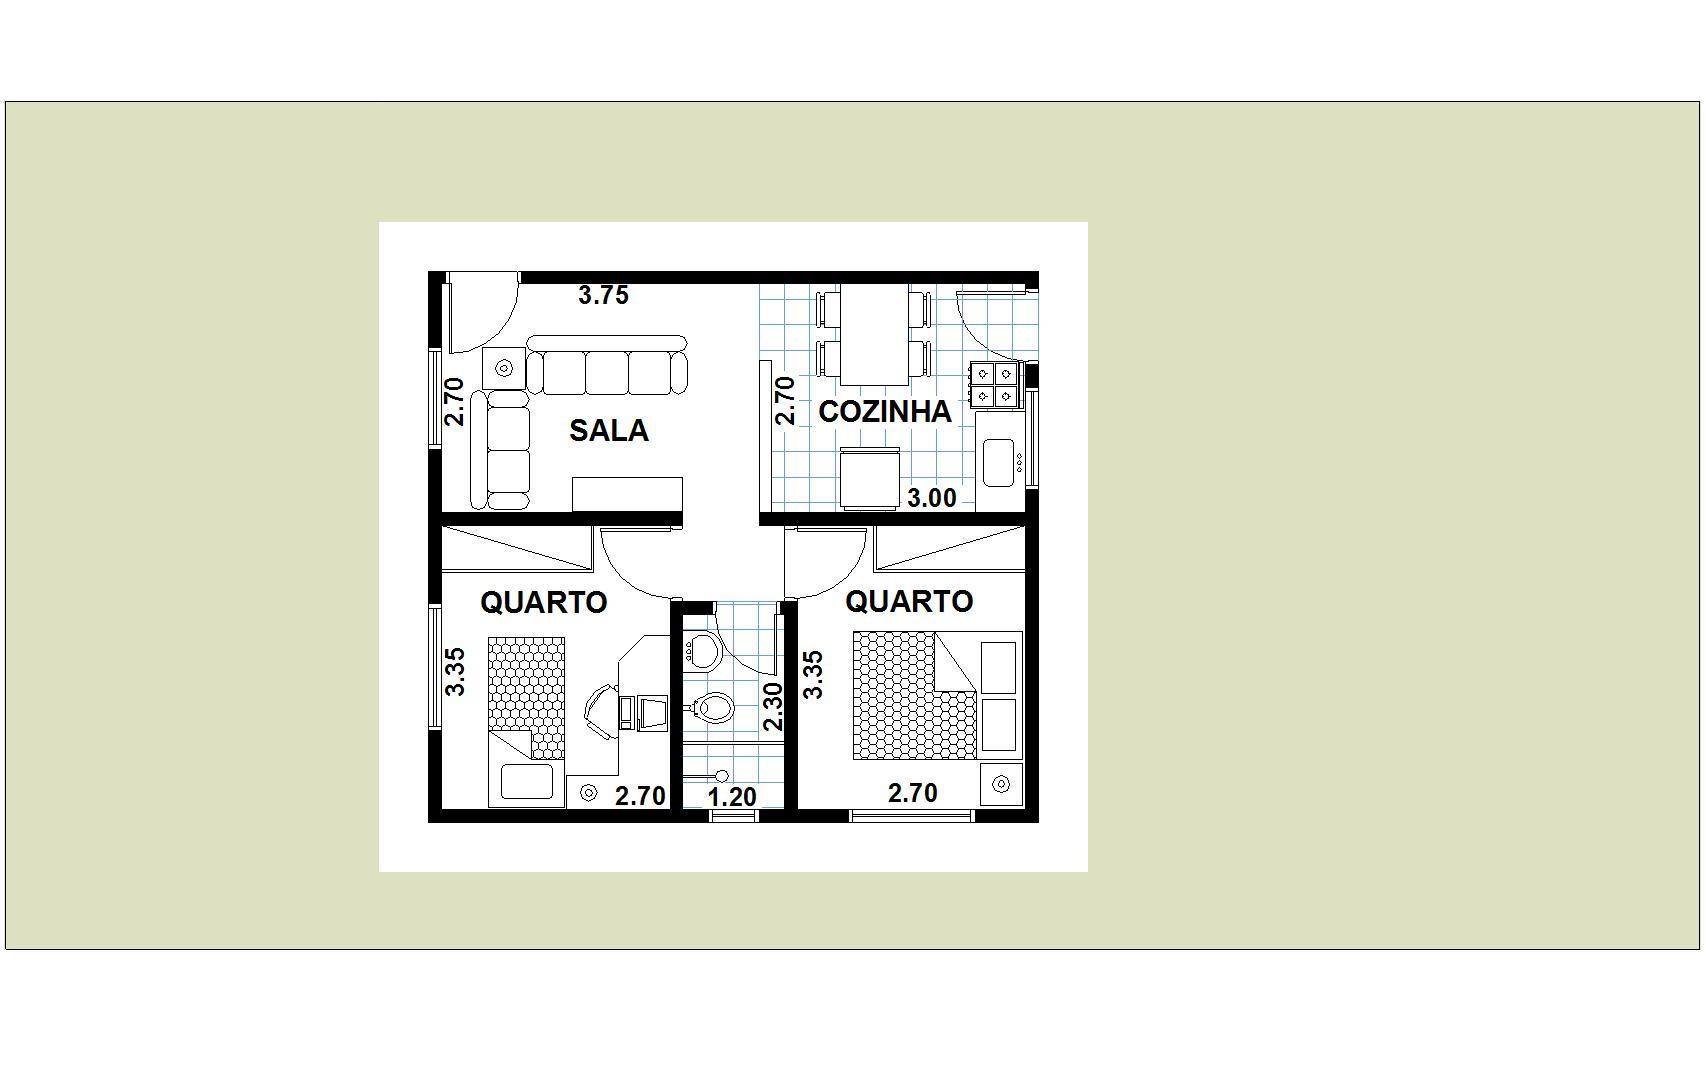 Planta de casas com 2 quarto sala cozinha e banheiro com quartos  #7F8249 1706 1067